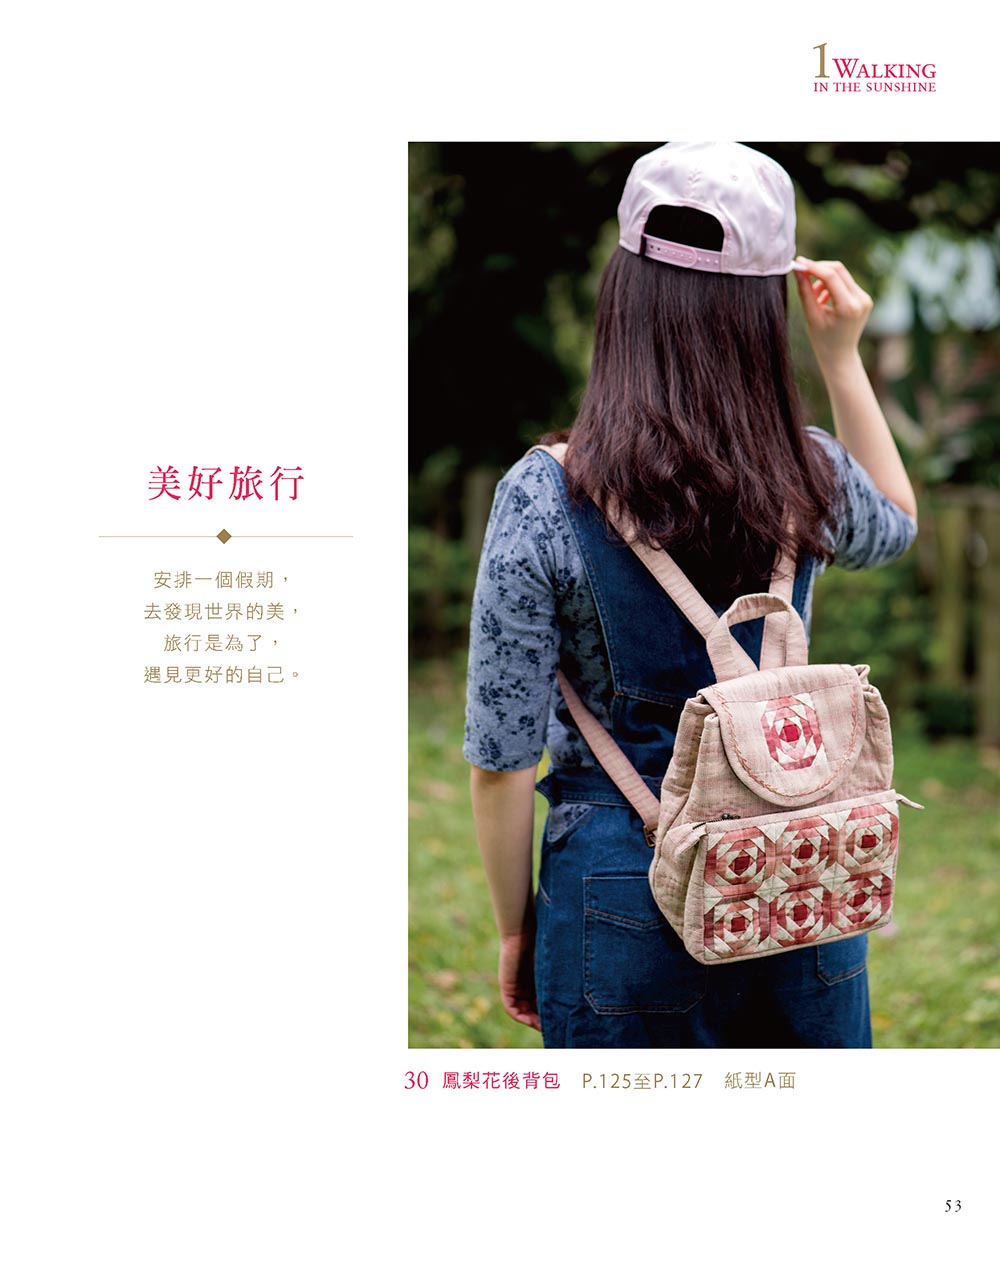 ◤博客來BOOKS◢ 暢銷書榜《推薦》秀惠老師的旅行拼布包:30款森林系&多用途的後背包‧手提包‧側背包‧波奇包‧長夾